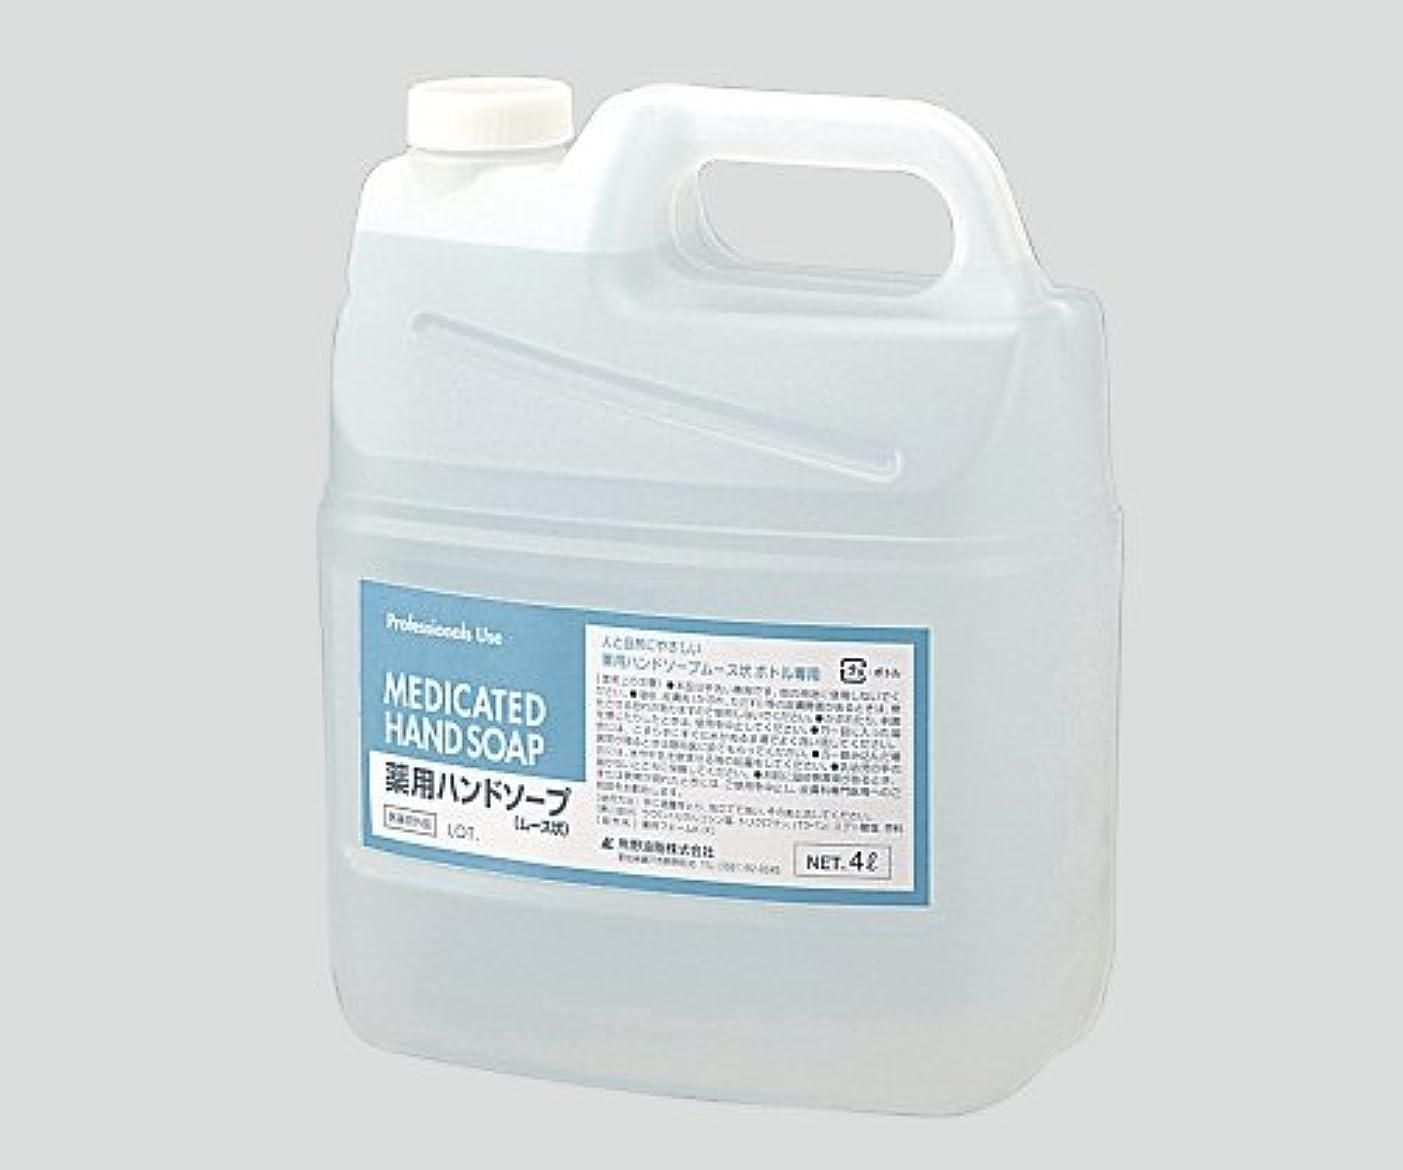 最も確認してください作り8-6279-11セディア薬用ハンドソープ(泡タイプ)4L